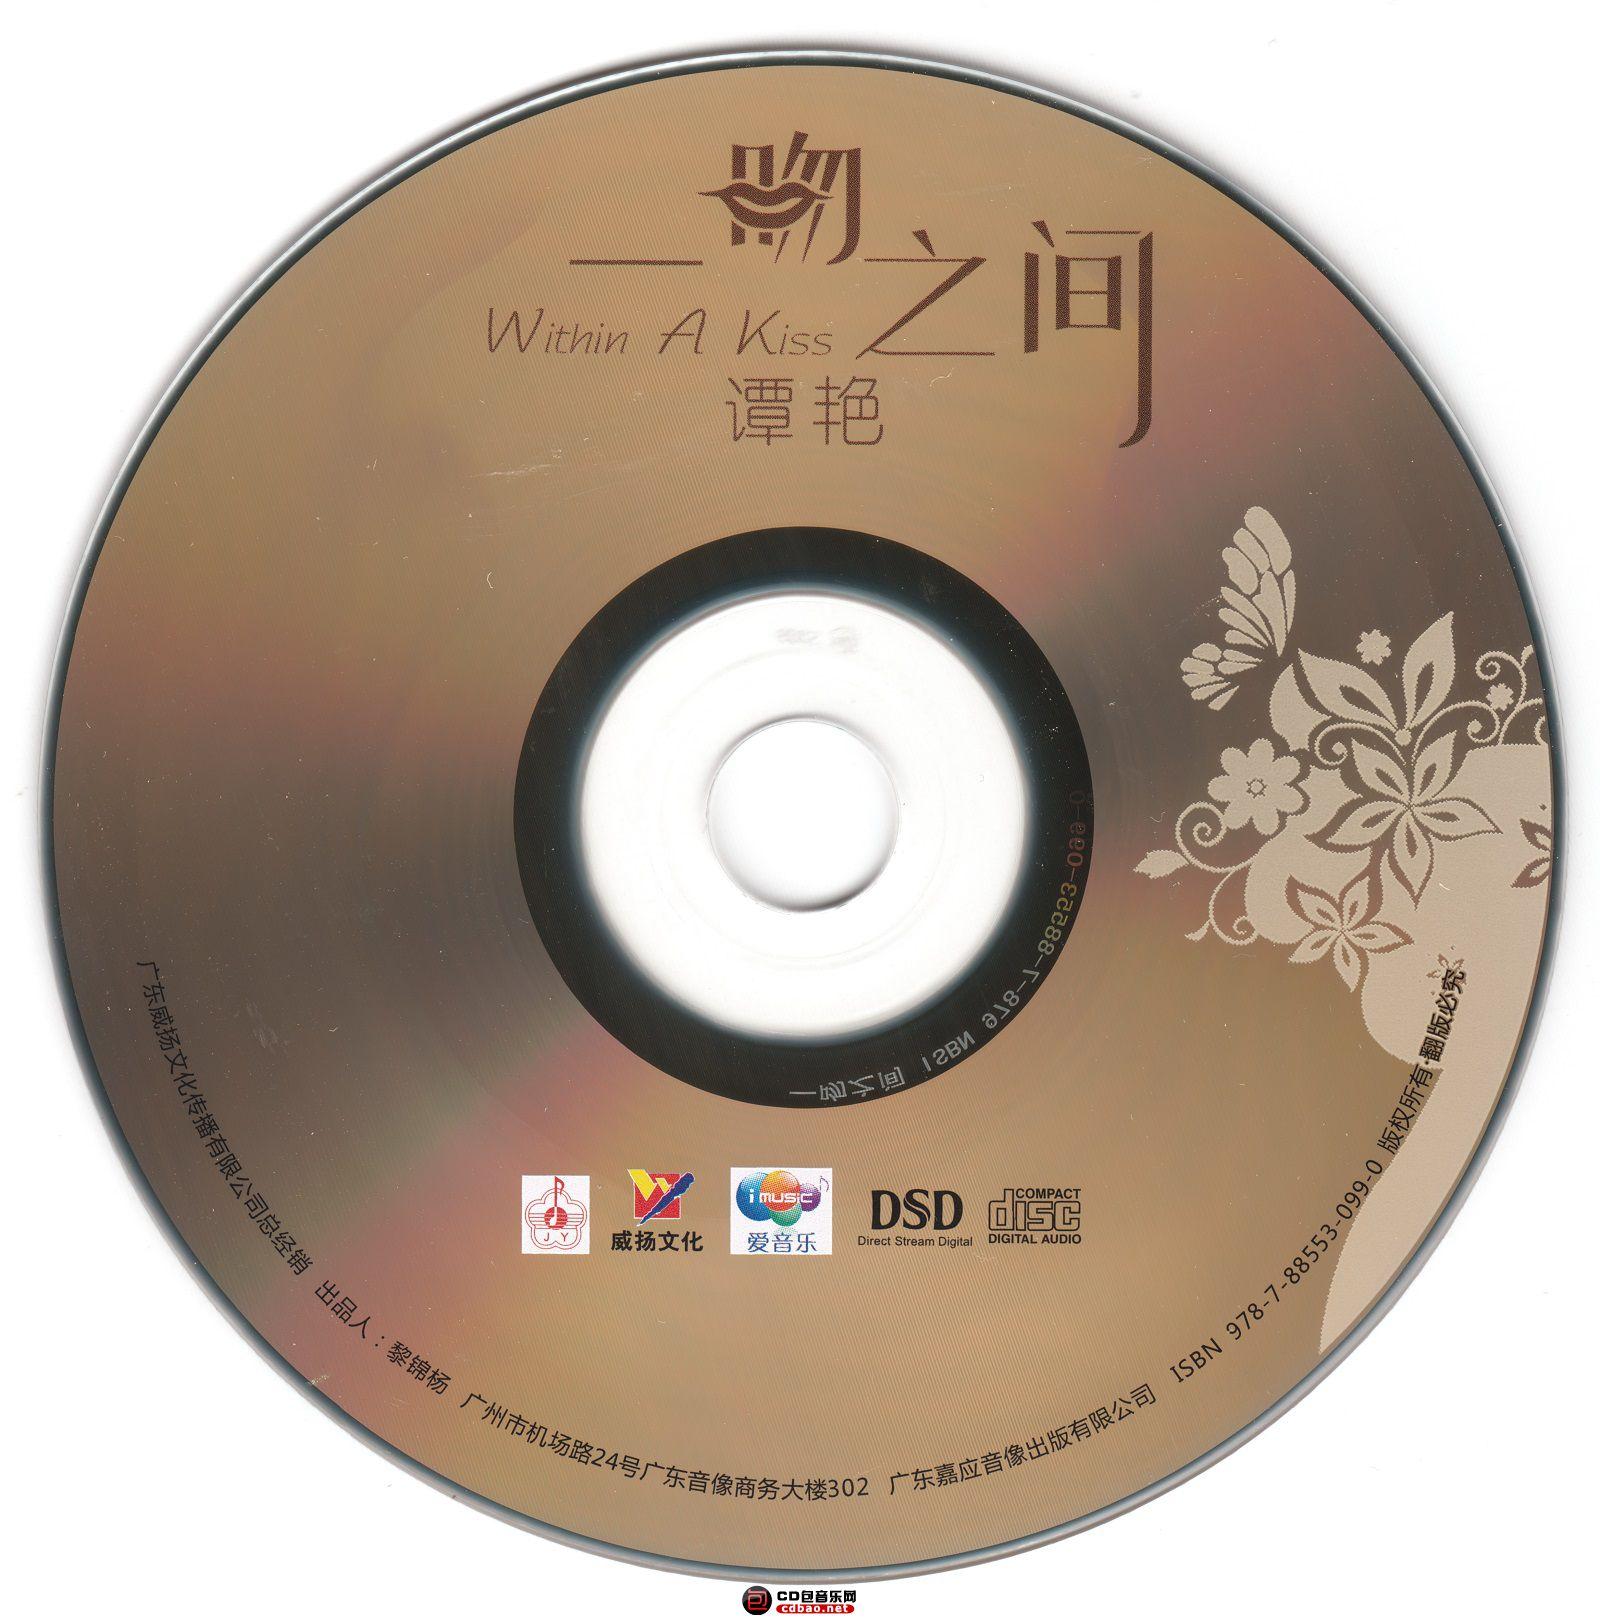 谭艳-一吻之间-CD.jpg